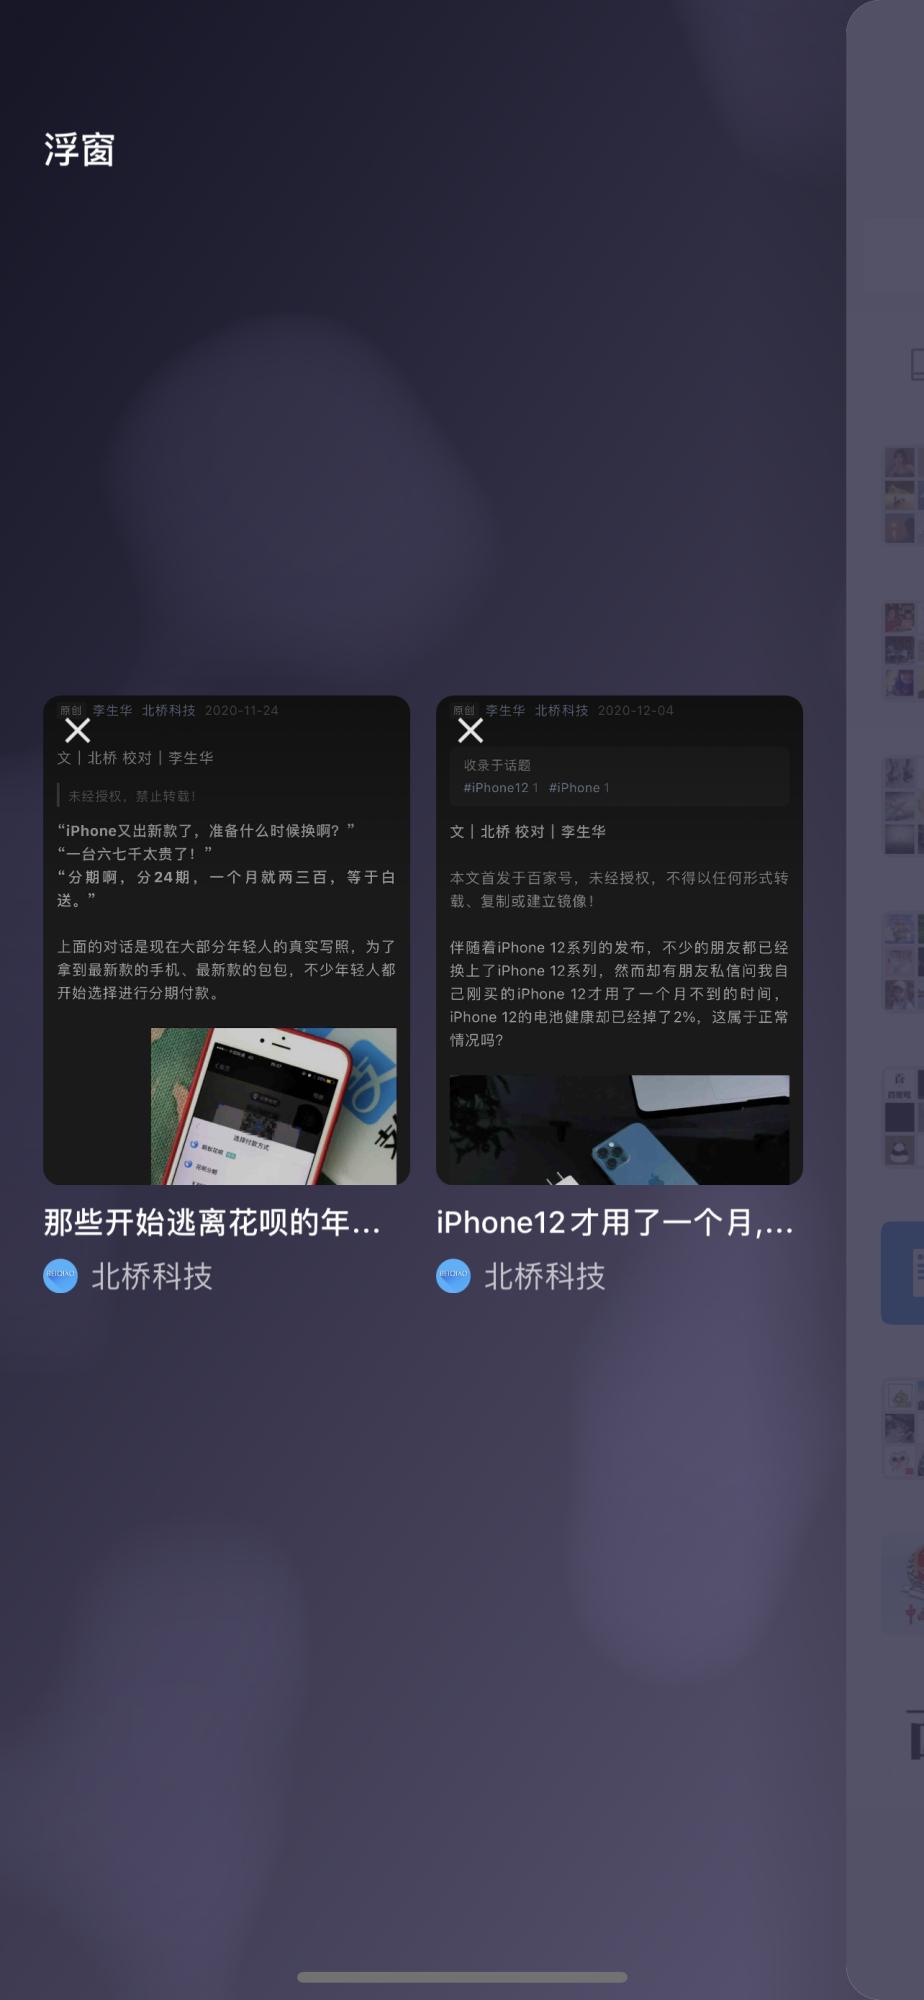 微信8 好物资讯 第4张